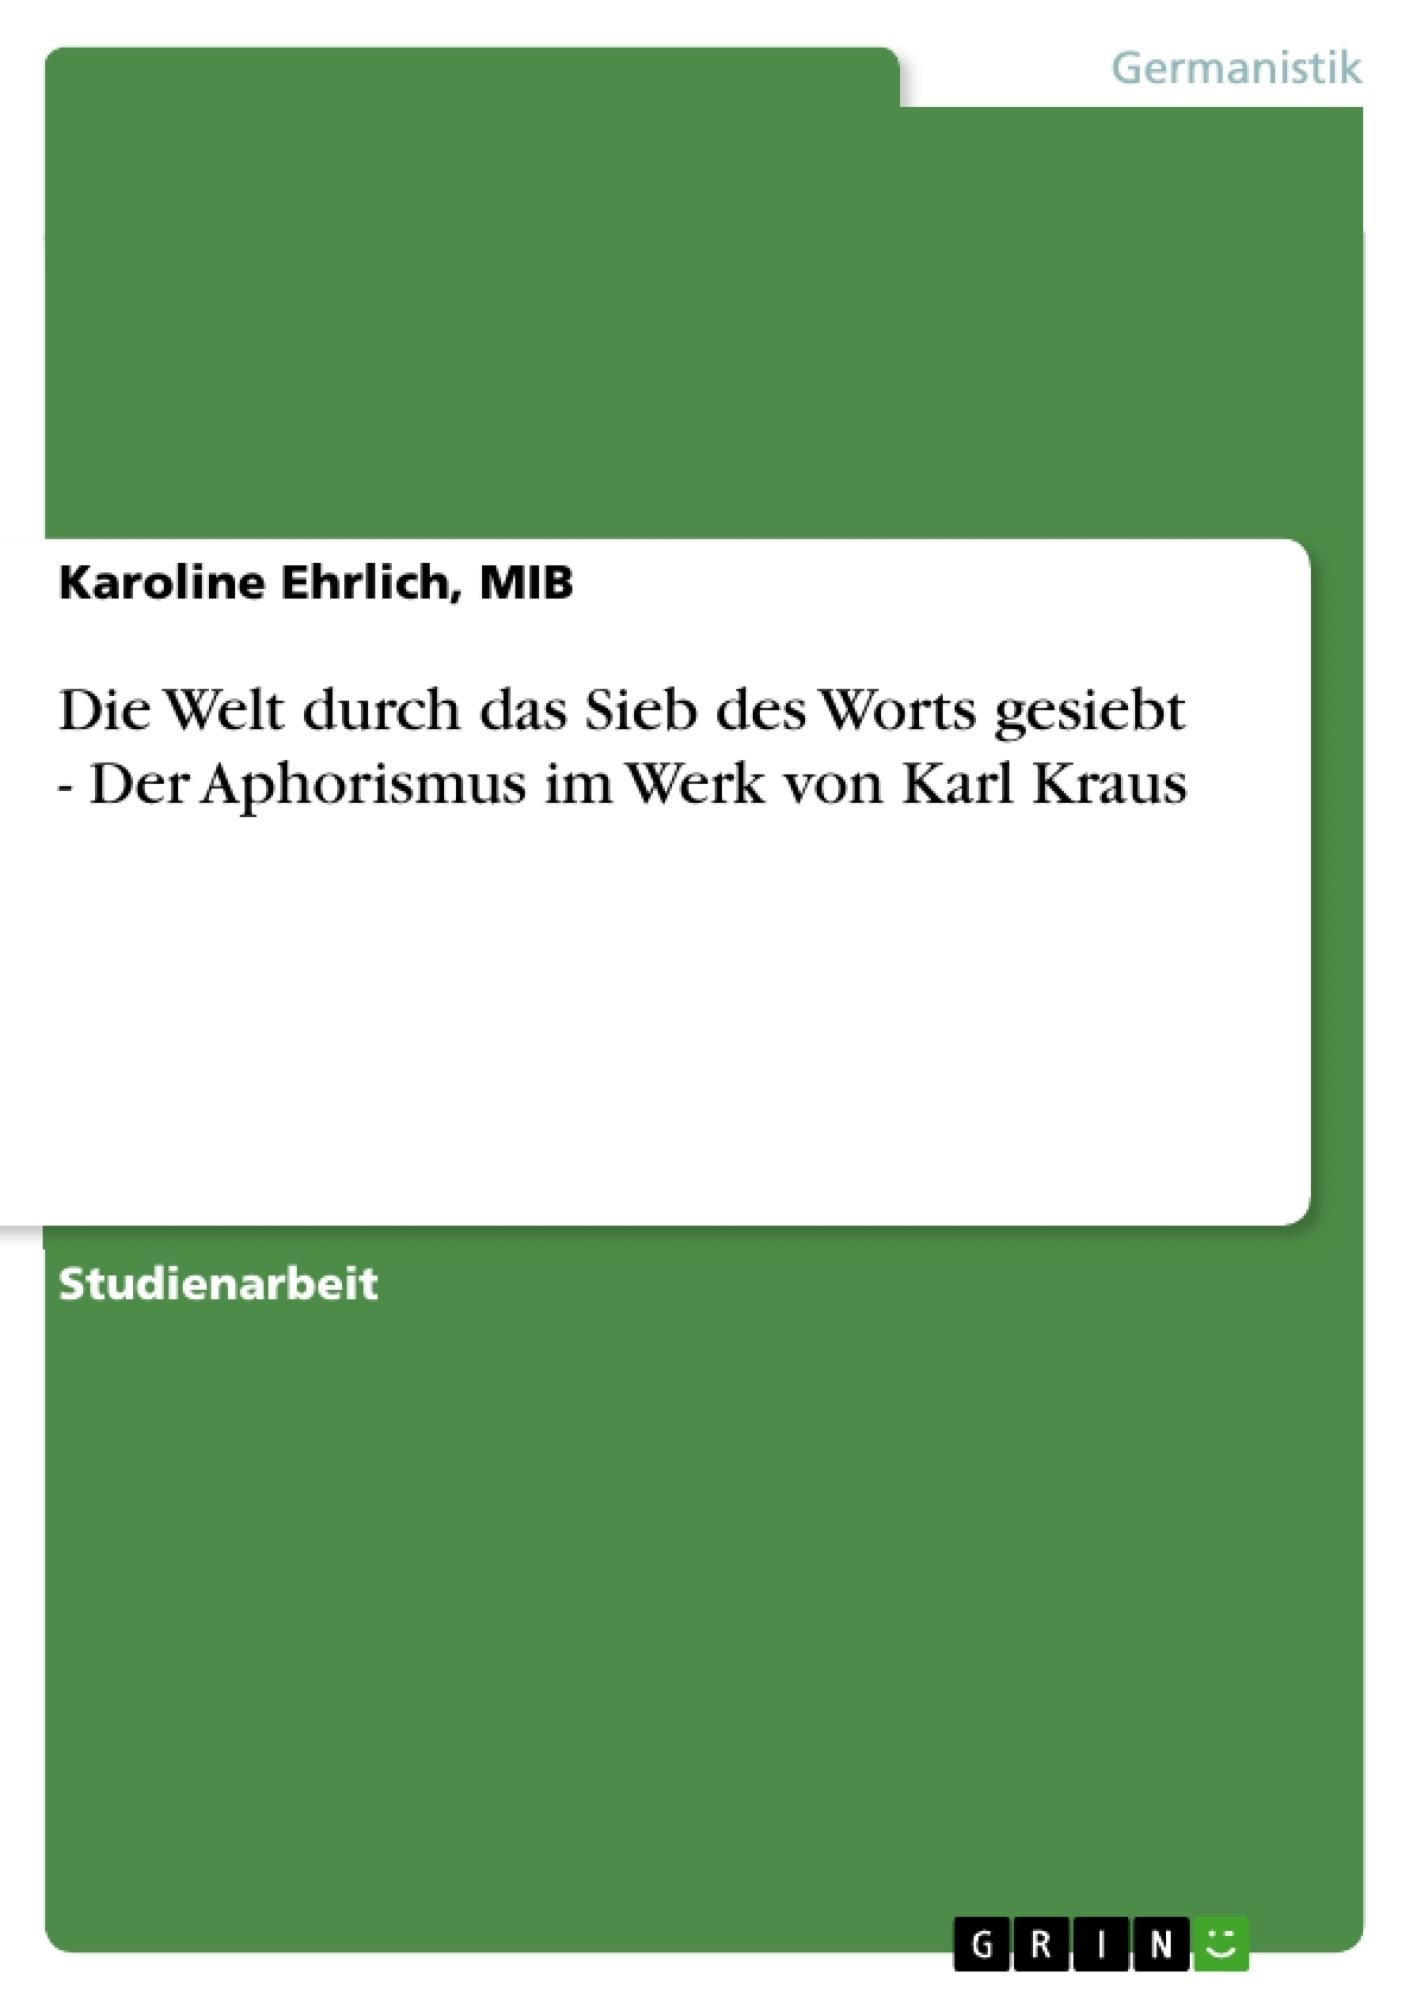 Titel: Die Welt durch das Sieb des Worts gesiebt - Der Aphorismus im Werk von Karl Kraus